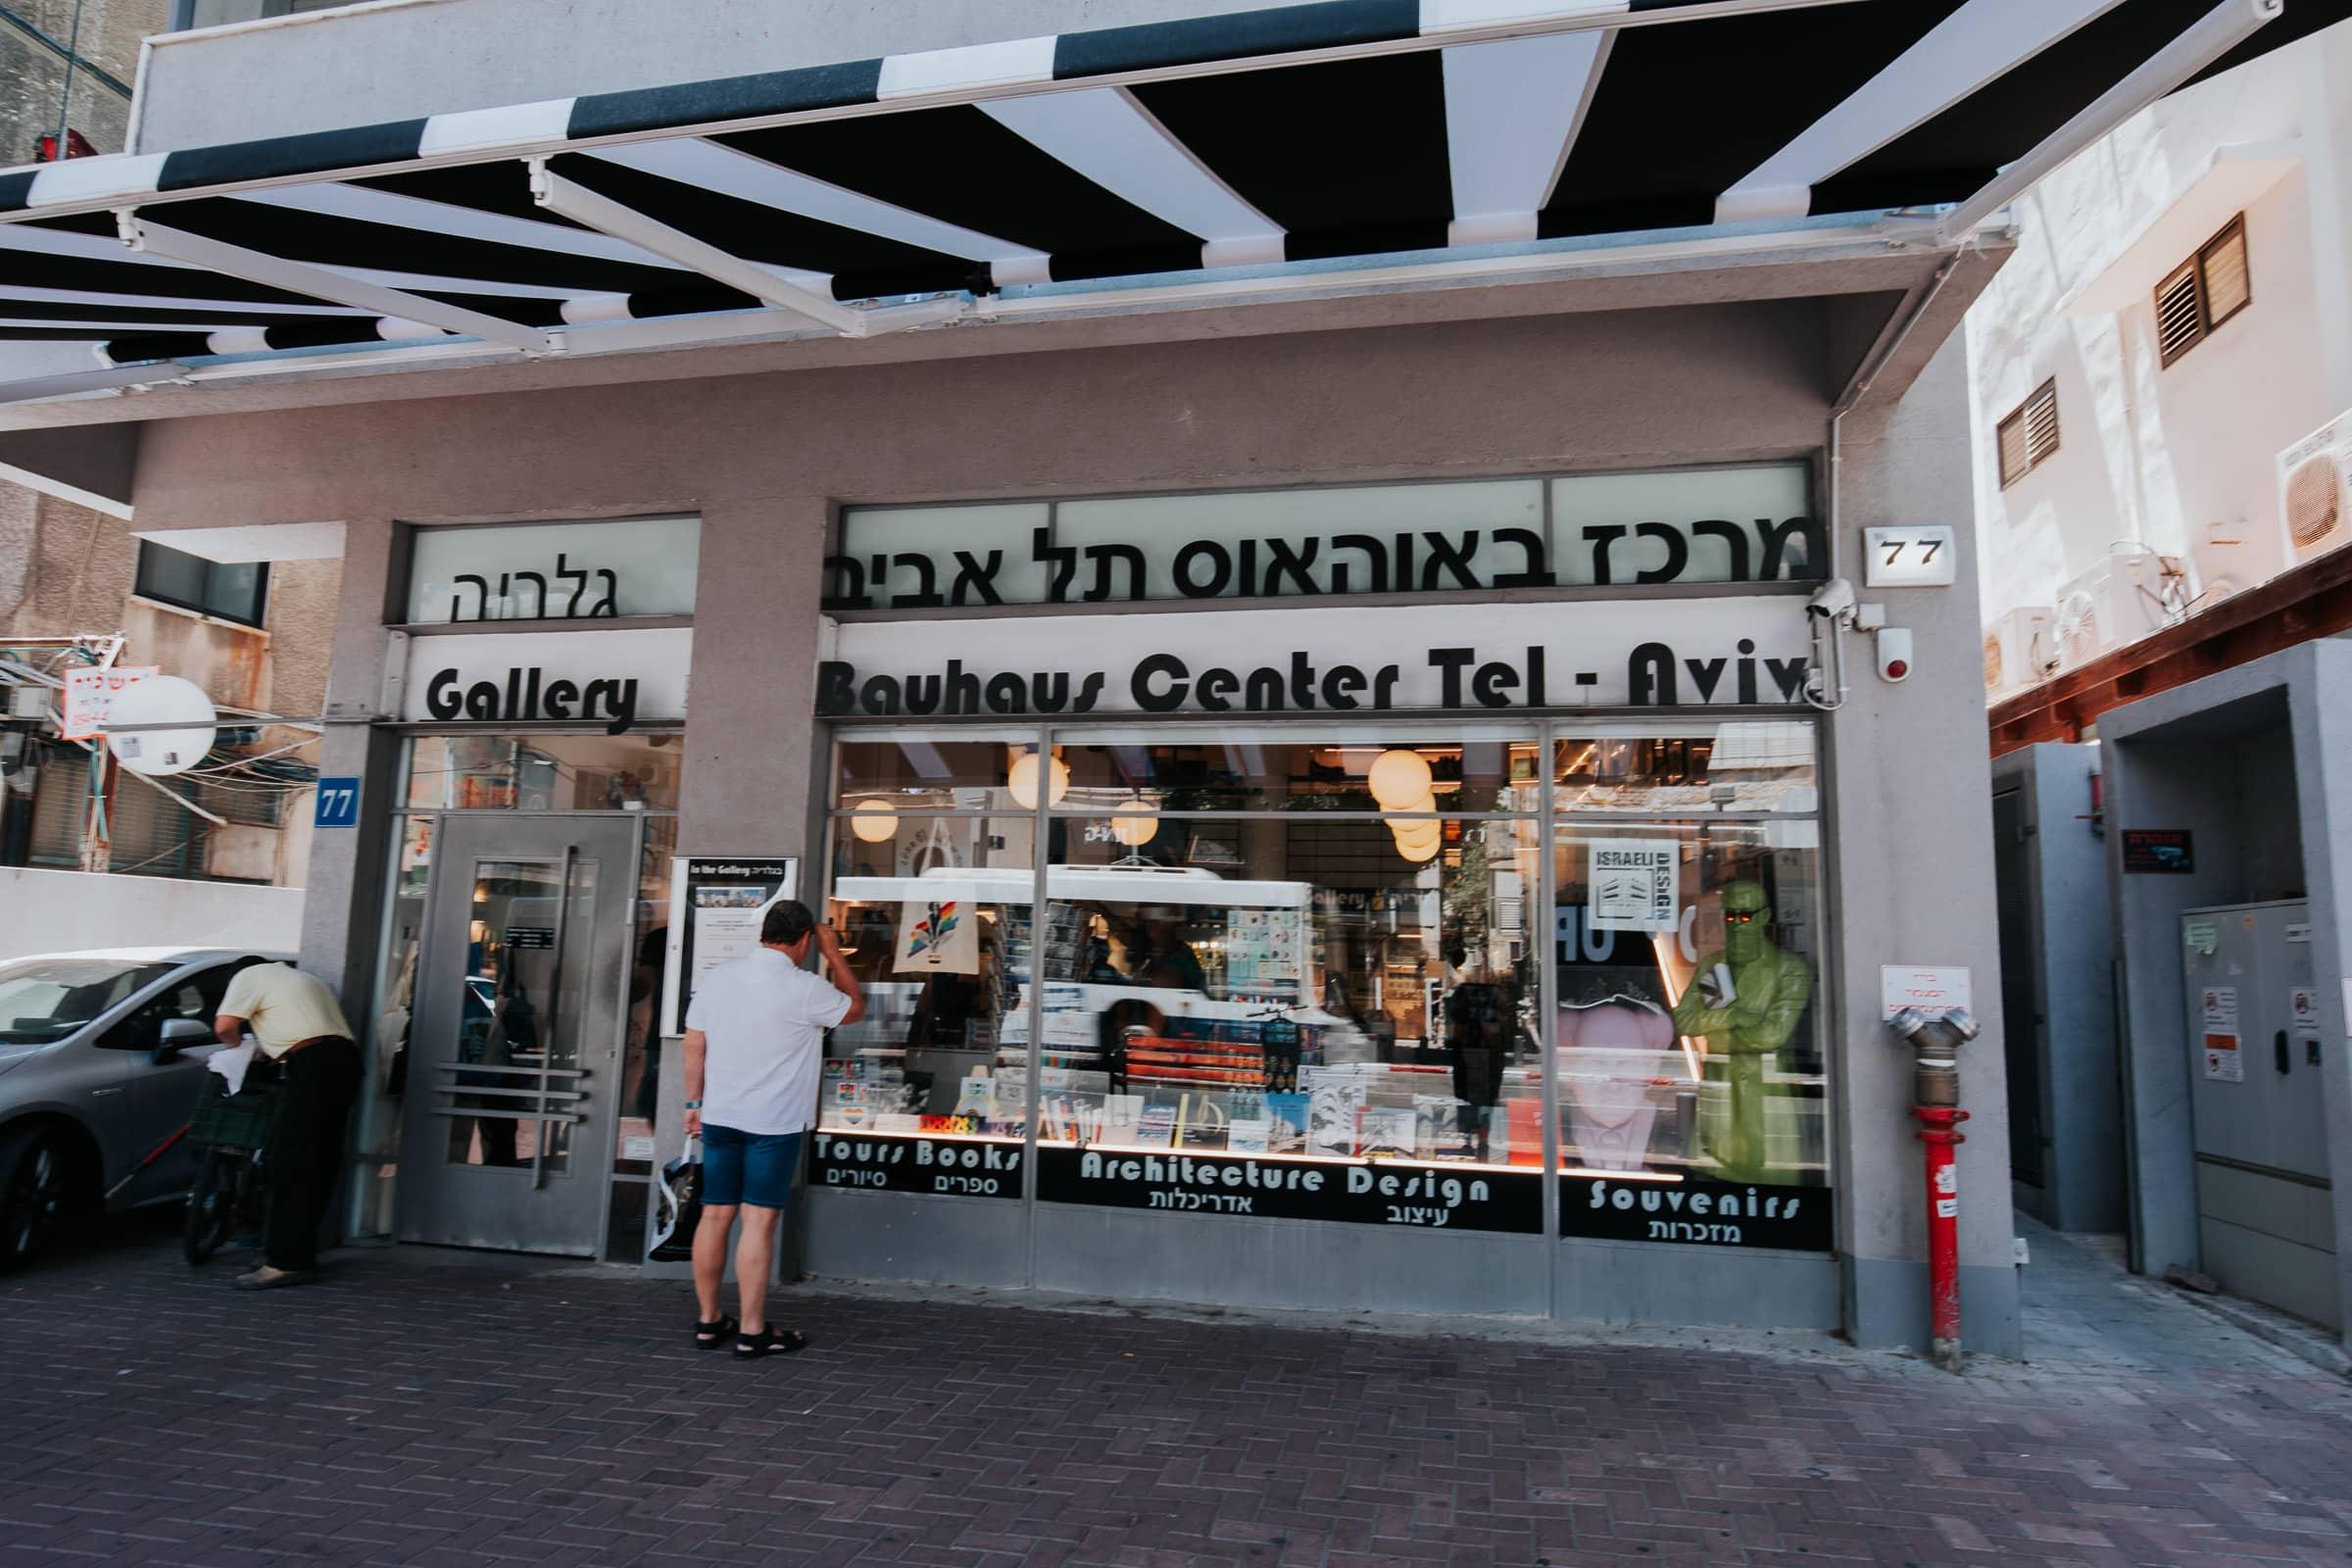 Tel Aviv Sehenswürdigkeiten Bauhaus Center Tel Aviv Weiße Stadt